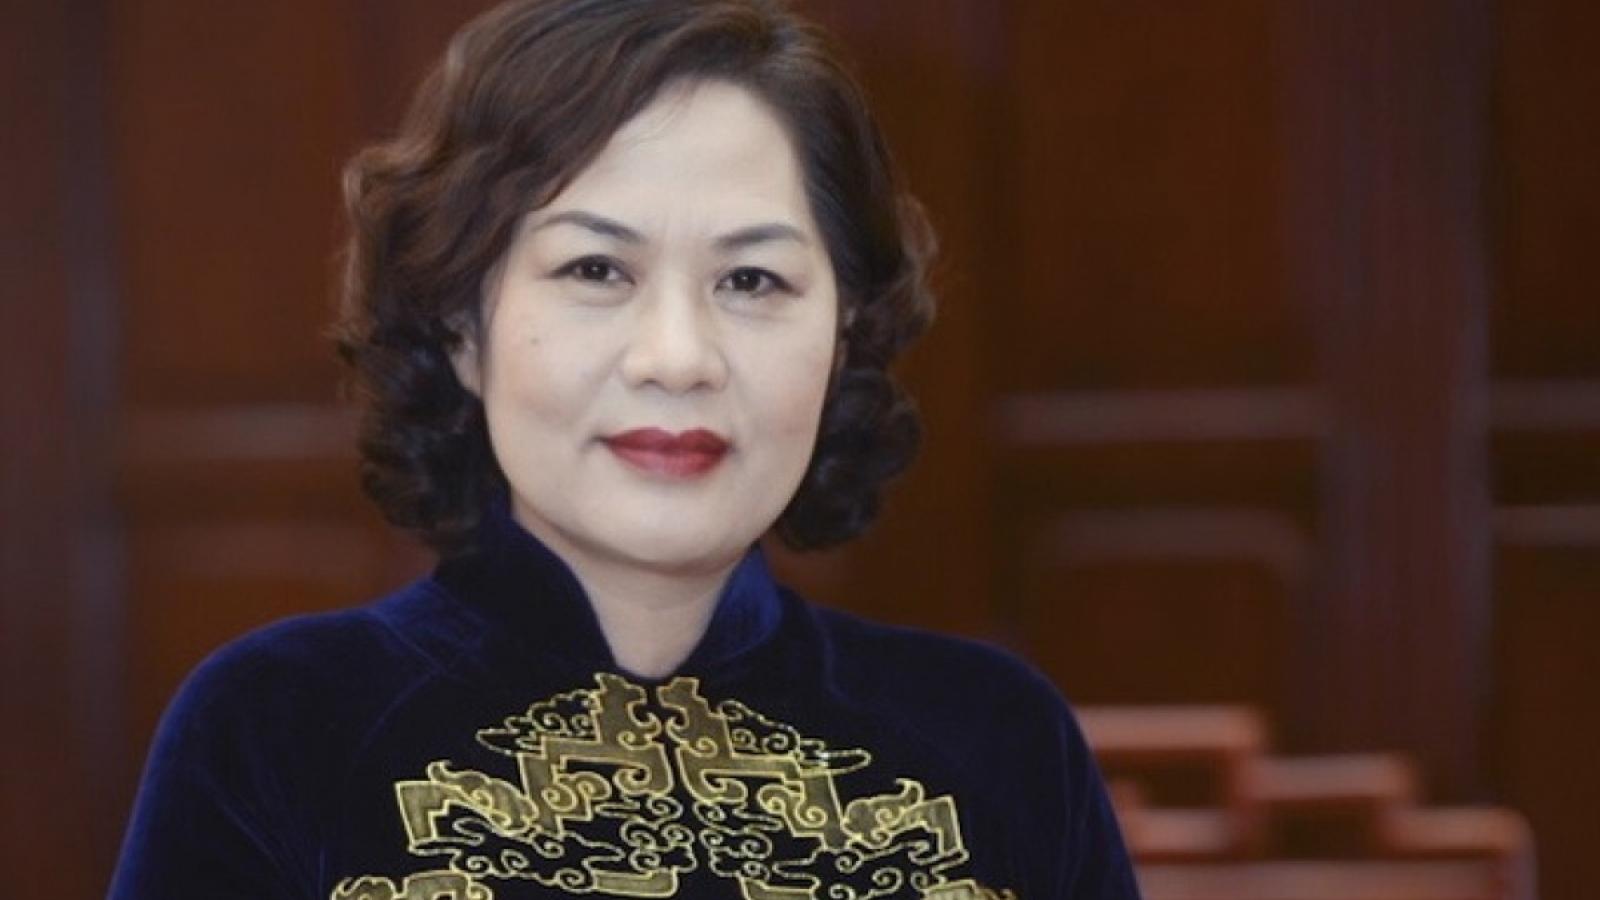 Thủ tướng trao quyết định bổ nhiệm, giao nhiệm vụ cho tân Thống đốc Ngân hàng Nhà nước